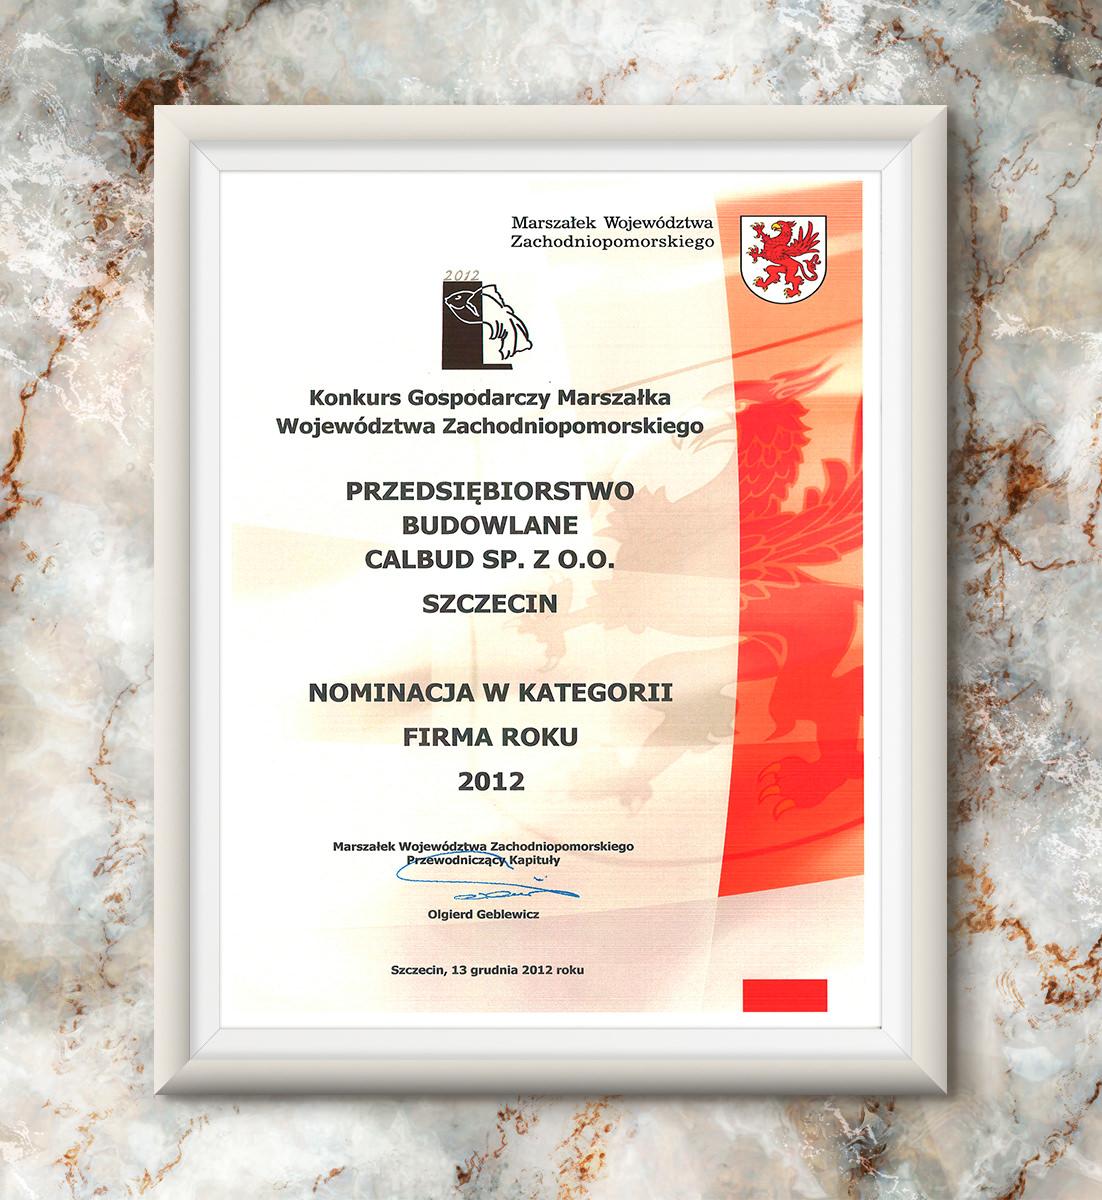 Złota Rybka 2012 - nominacja w kategorii